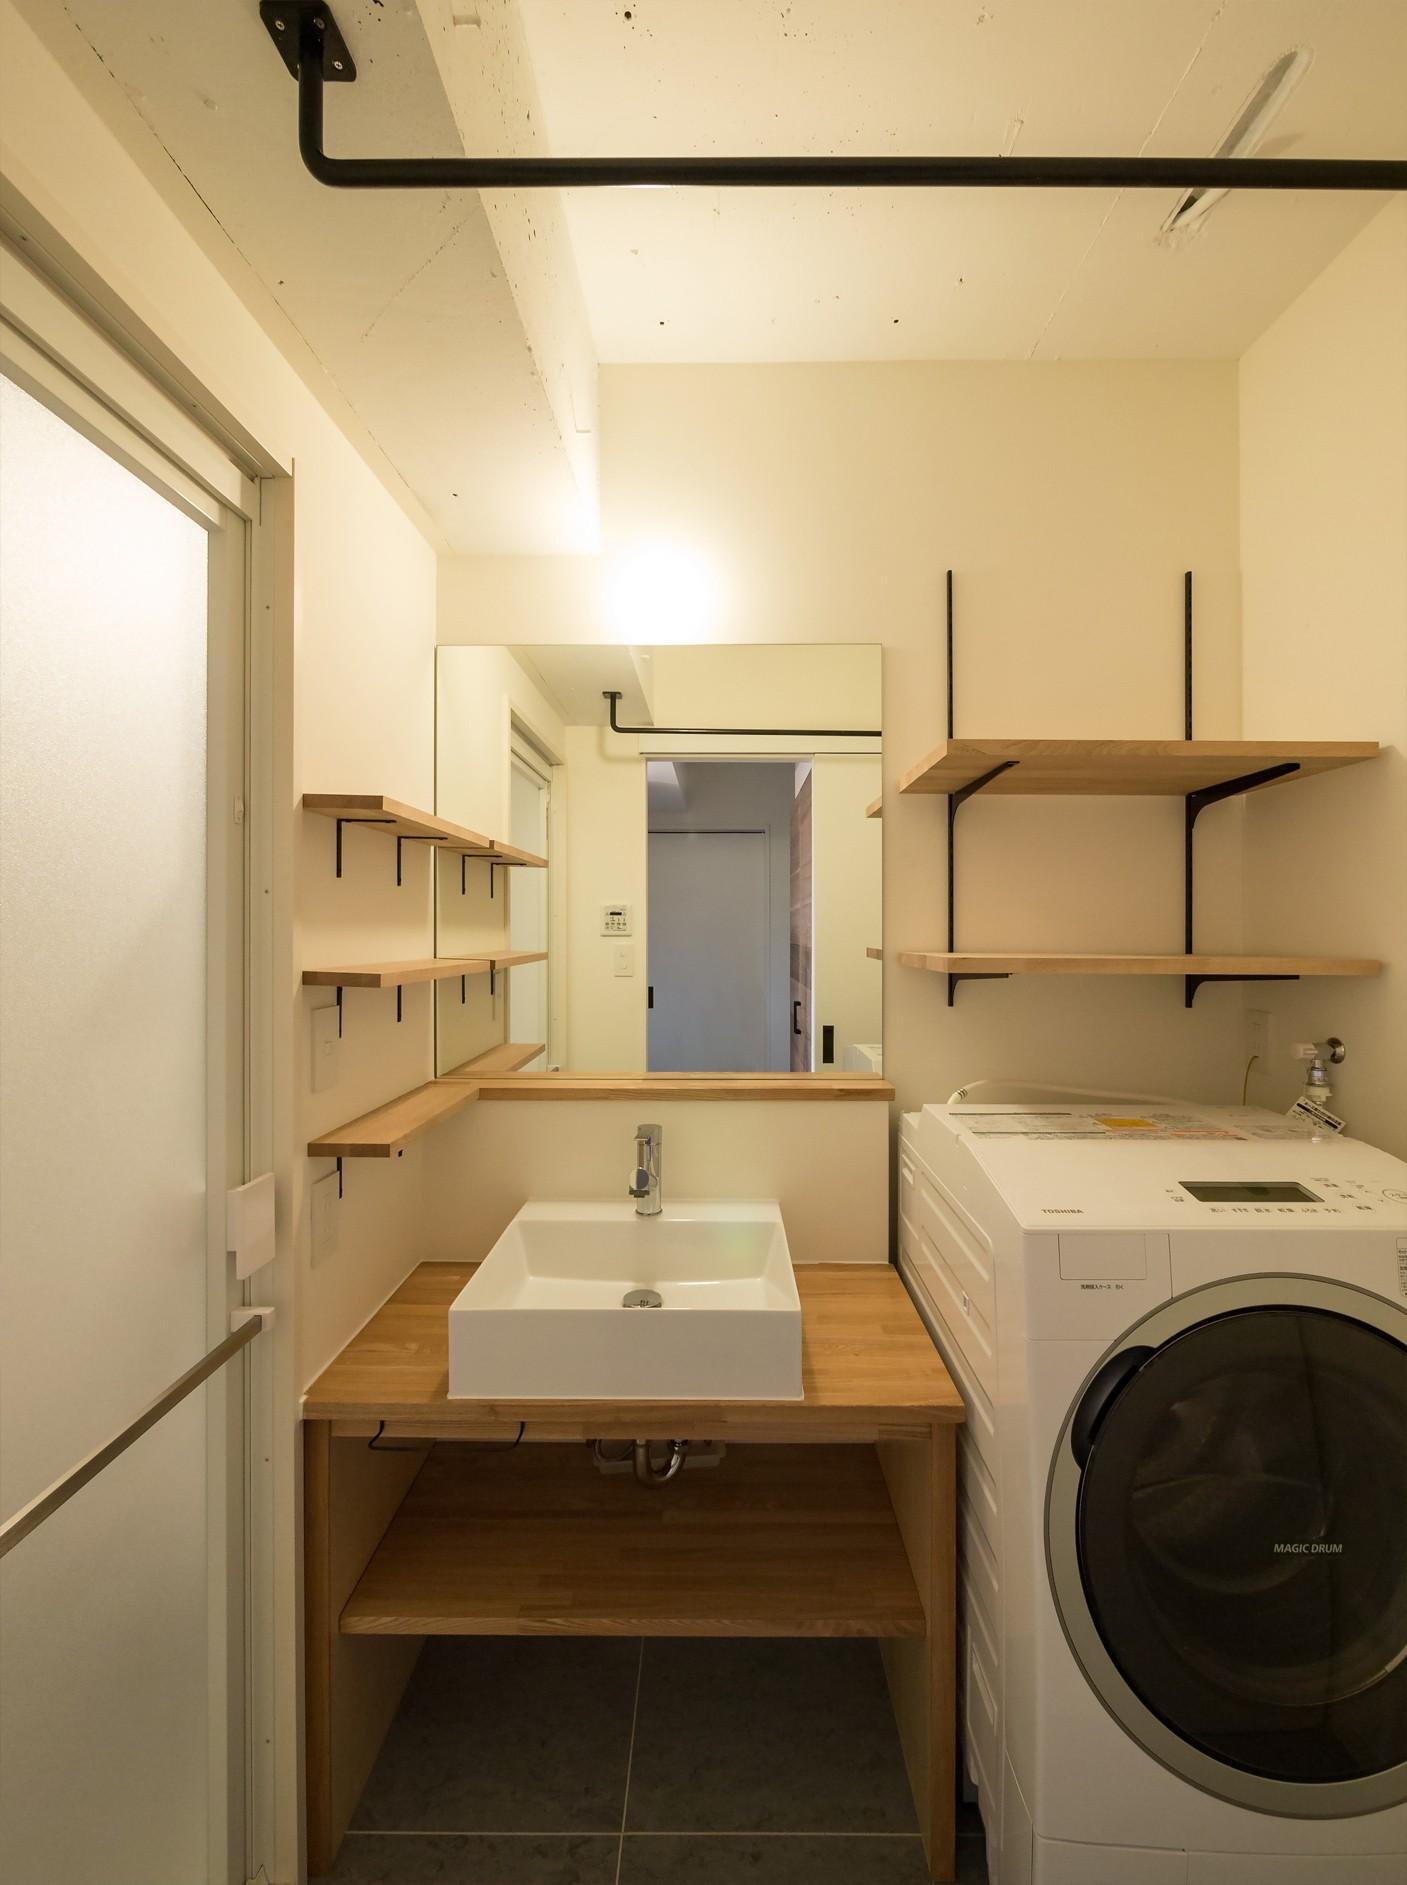 バス/トイレ事例:シンプルな構成の洗面台周り(素因数の家 すくすくリノベーションvol.11)